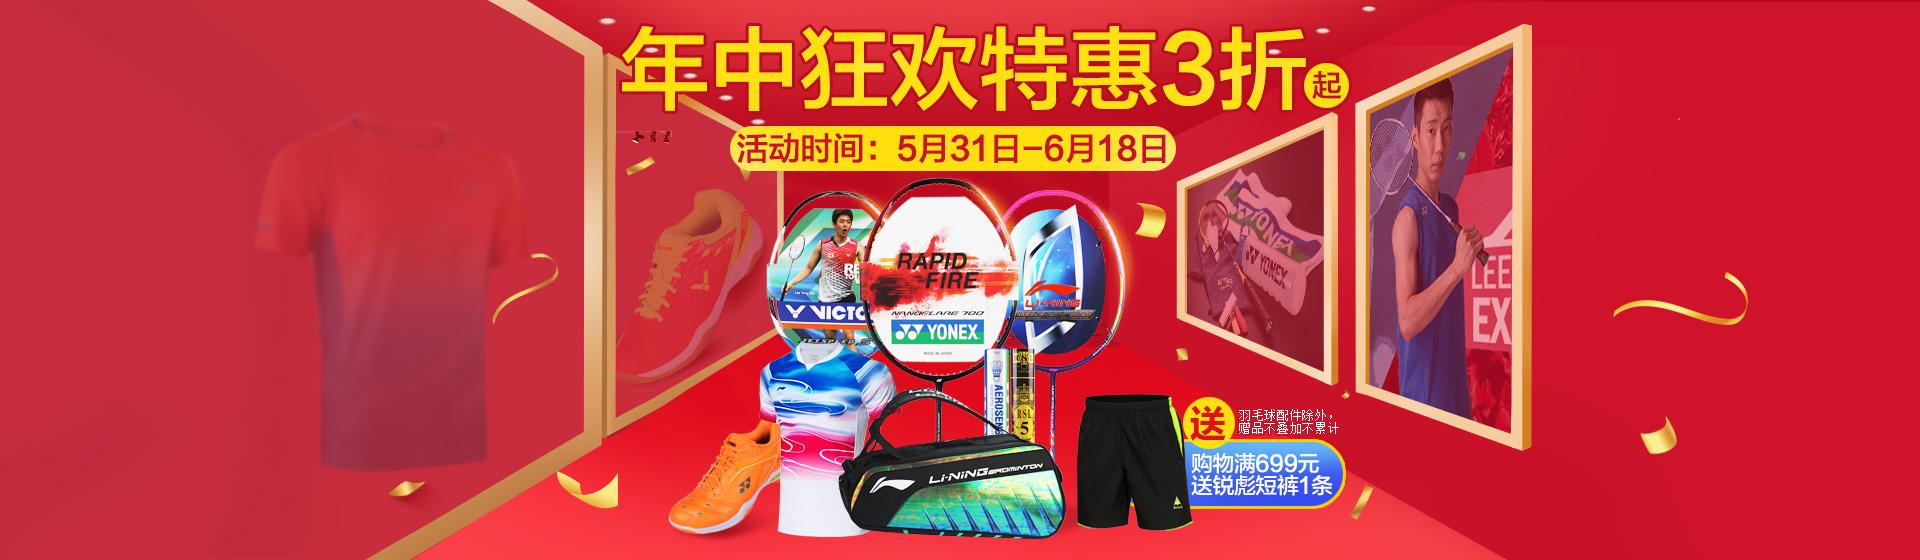 【楚天运动频道618年中大促】尤尼克斯/李宁/胜利羽毛球配件,低至3折起